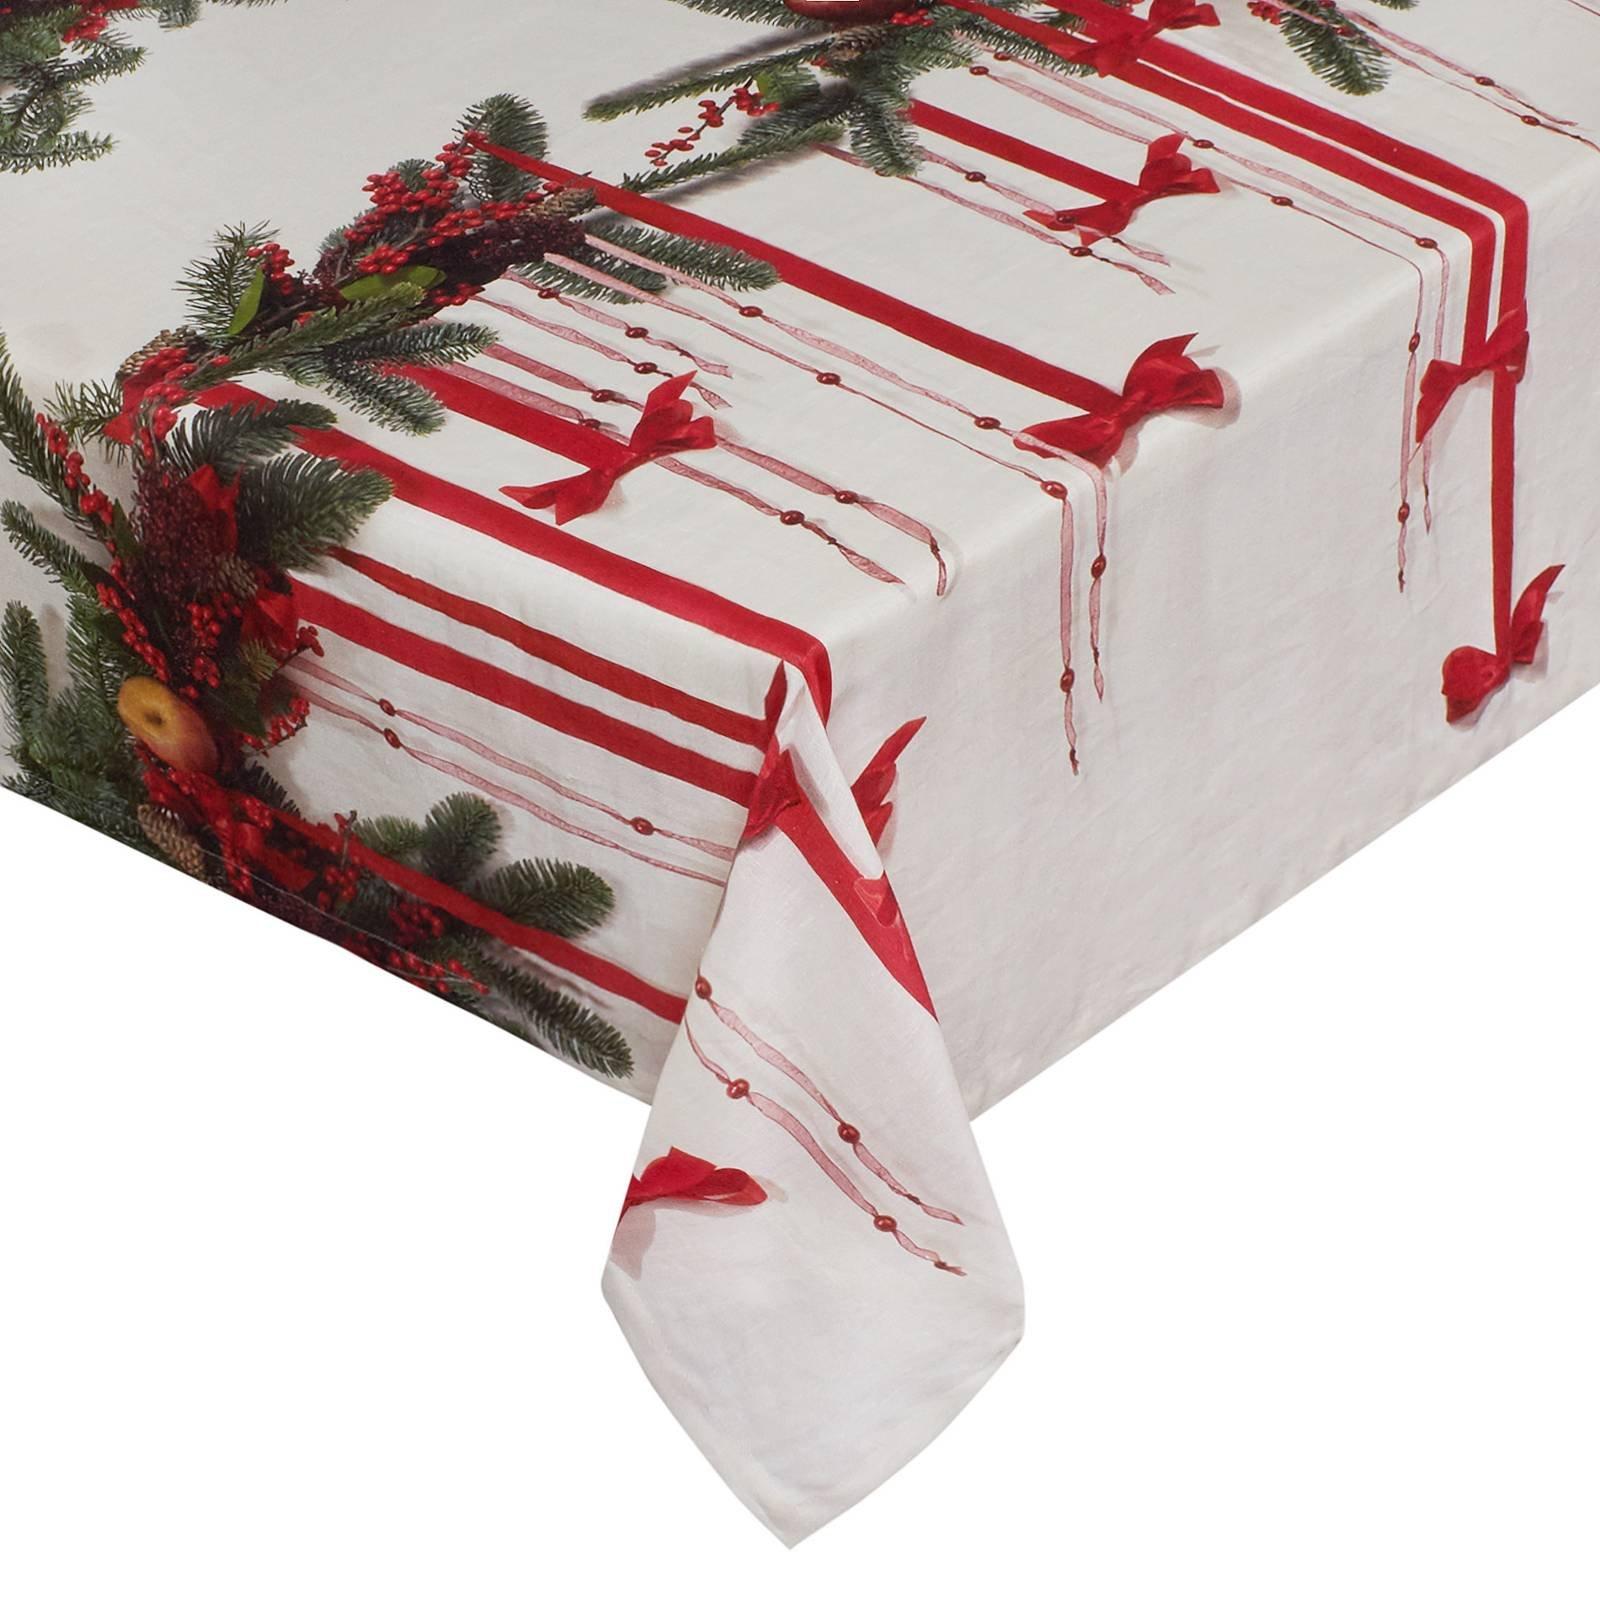 2d4fc42e4d Tovaglia natalizia Art. 006537136 di Coincasa. In puro cotone con stampa  digitale motivo natalizio. Misura 160x 240 cm. Prezzo 69,90 euro.  www.coincasa.it